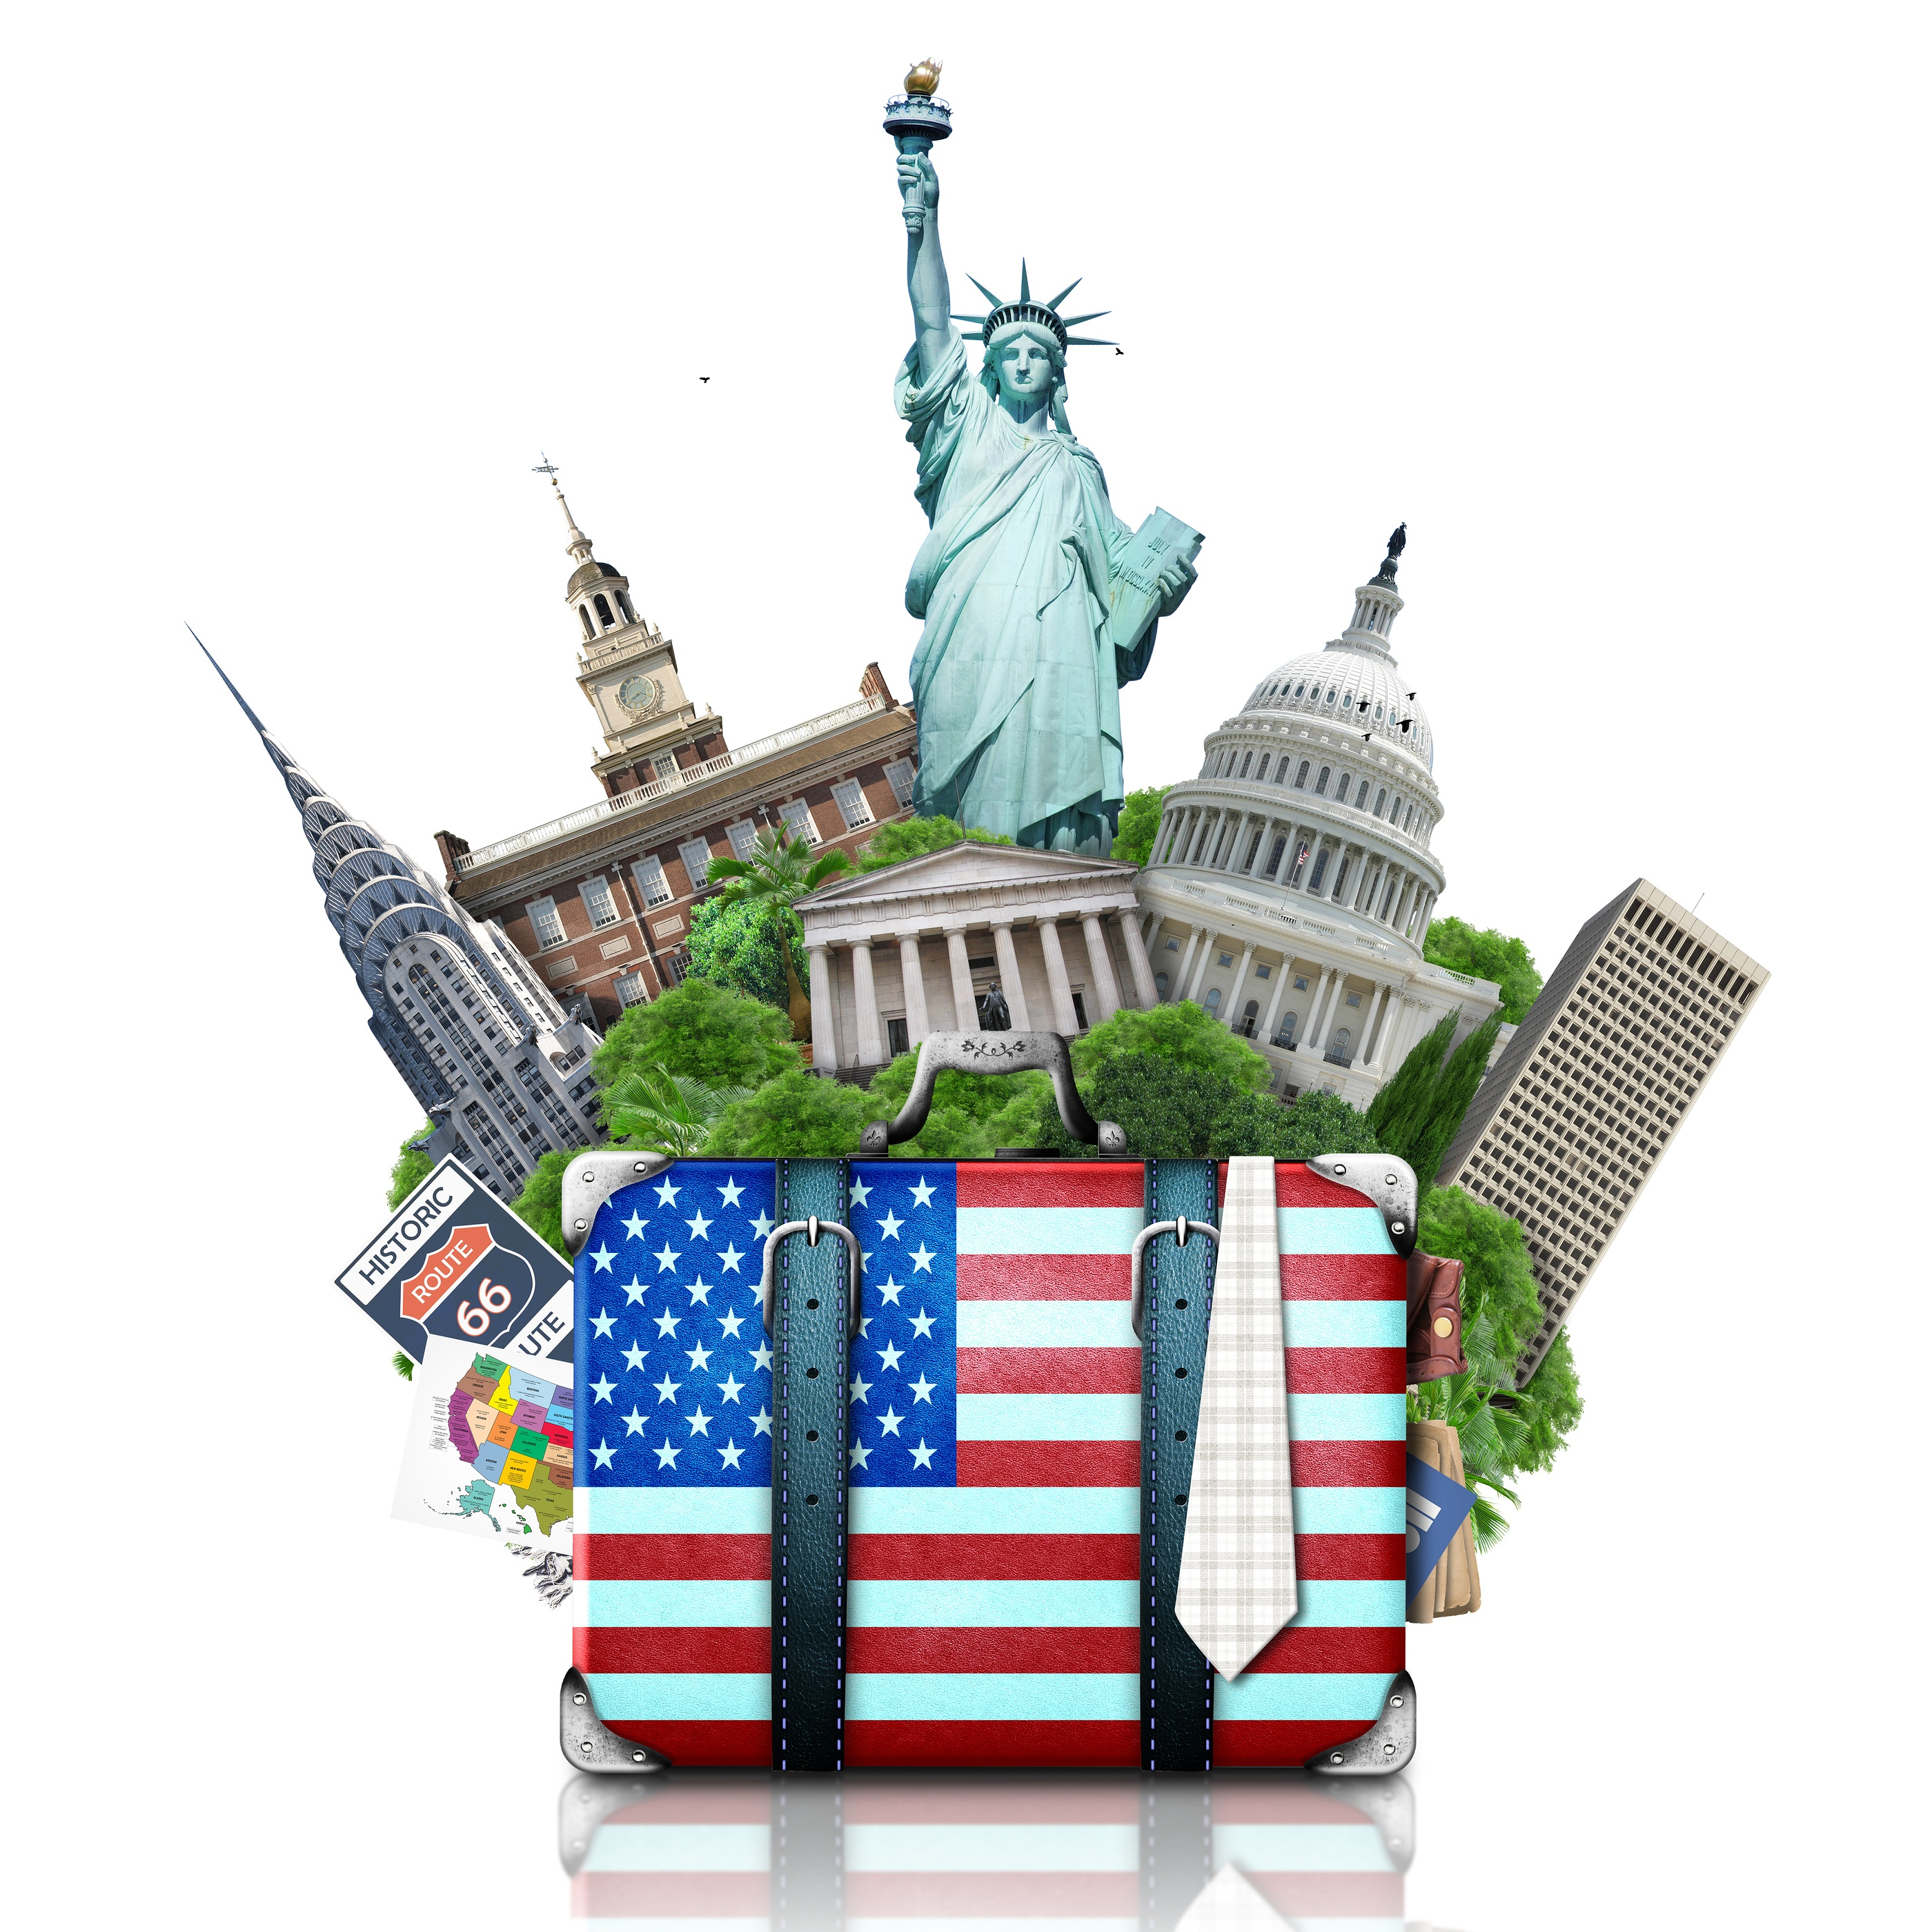 bigstock-USA-landmarks-USA-62927575